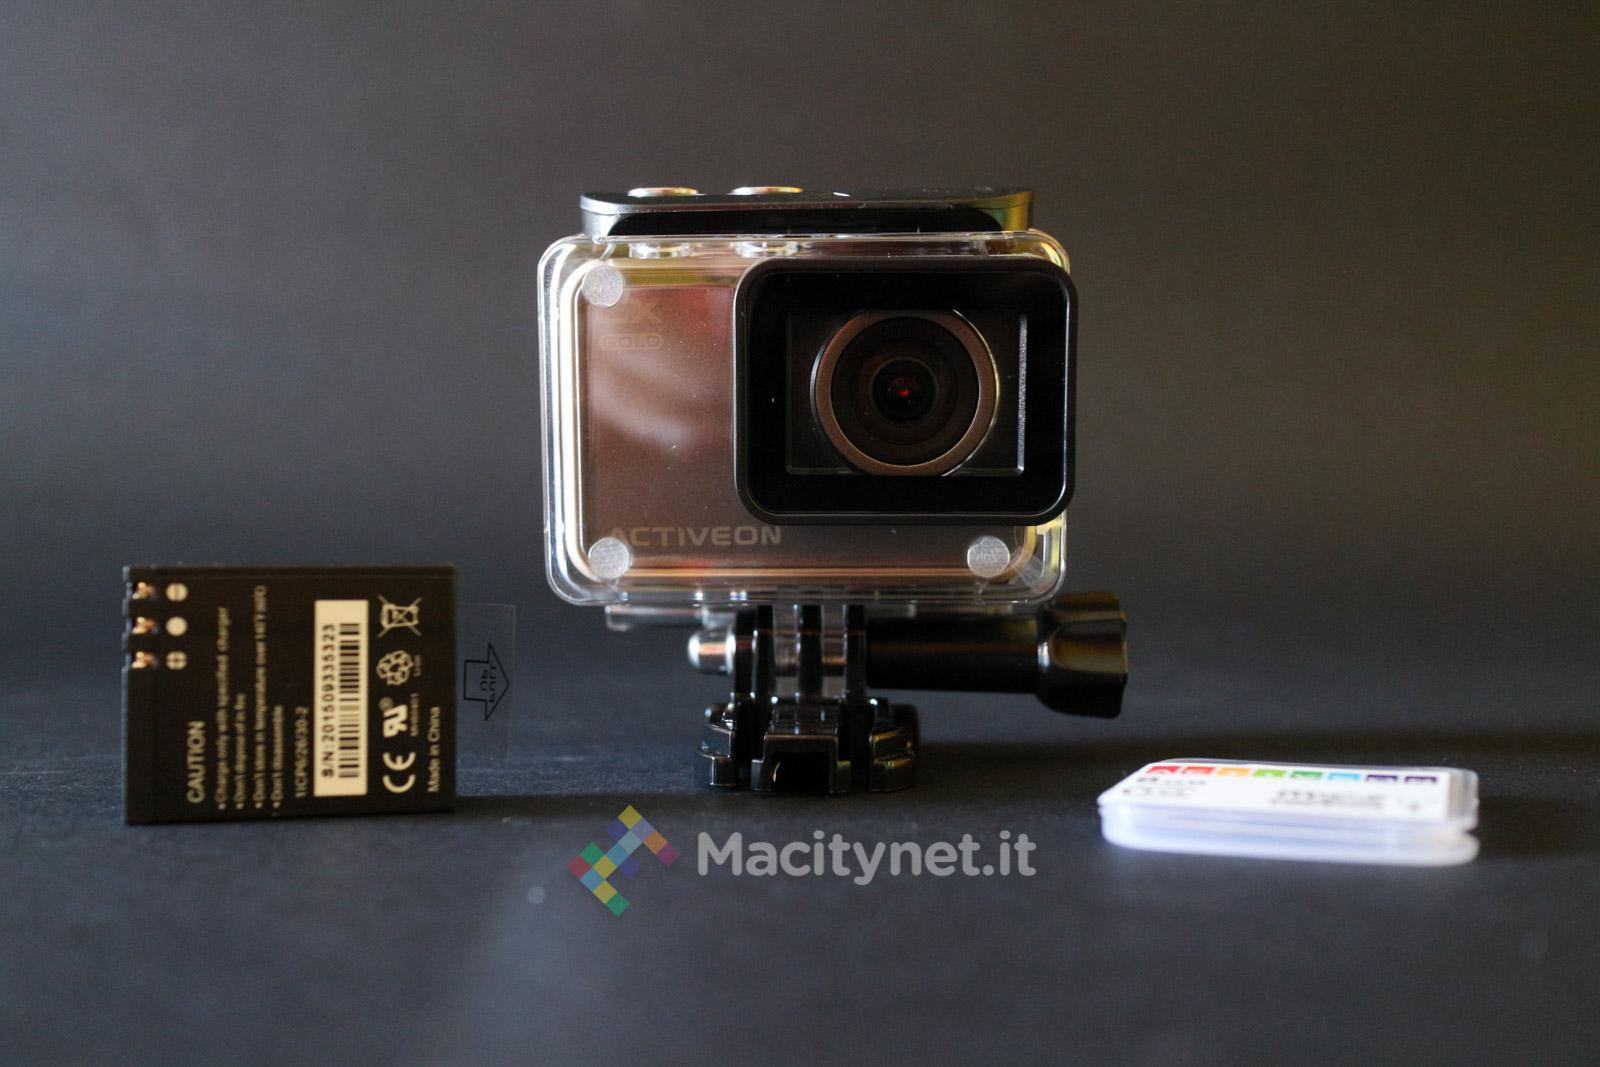 Recensione Activeon Cx Gold L Action Cam Con Touchscreen E Tutto Piu Facile Macitynet It